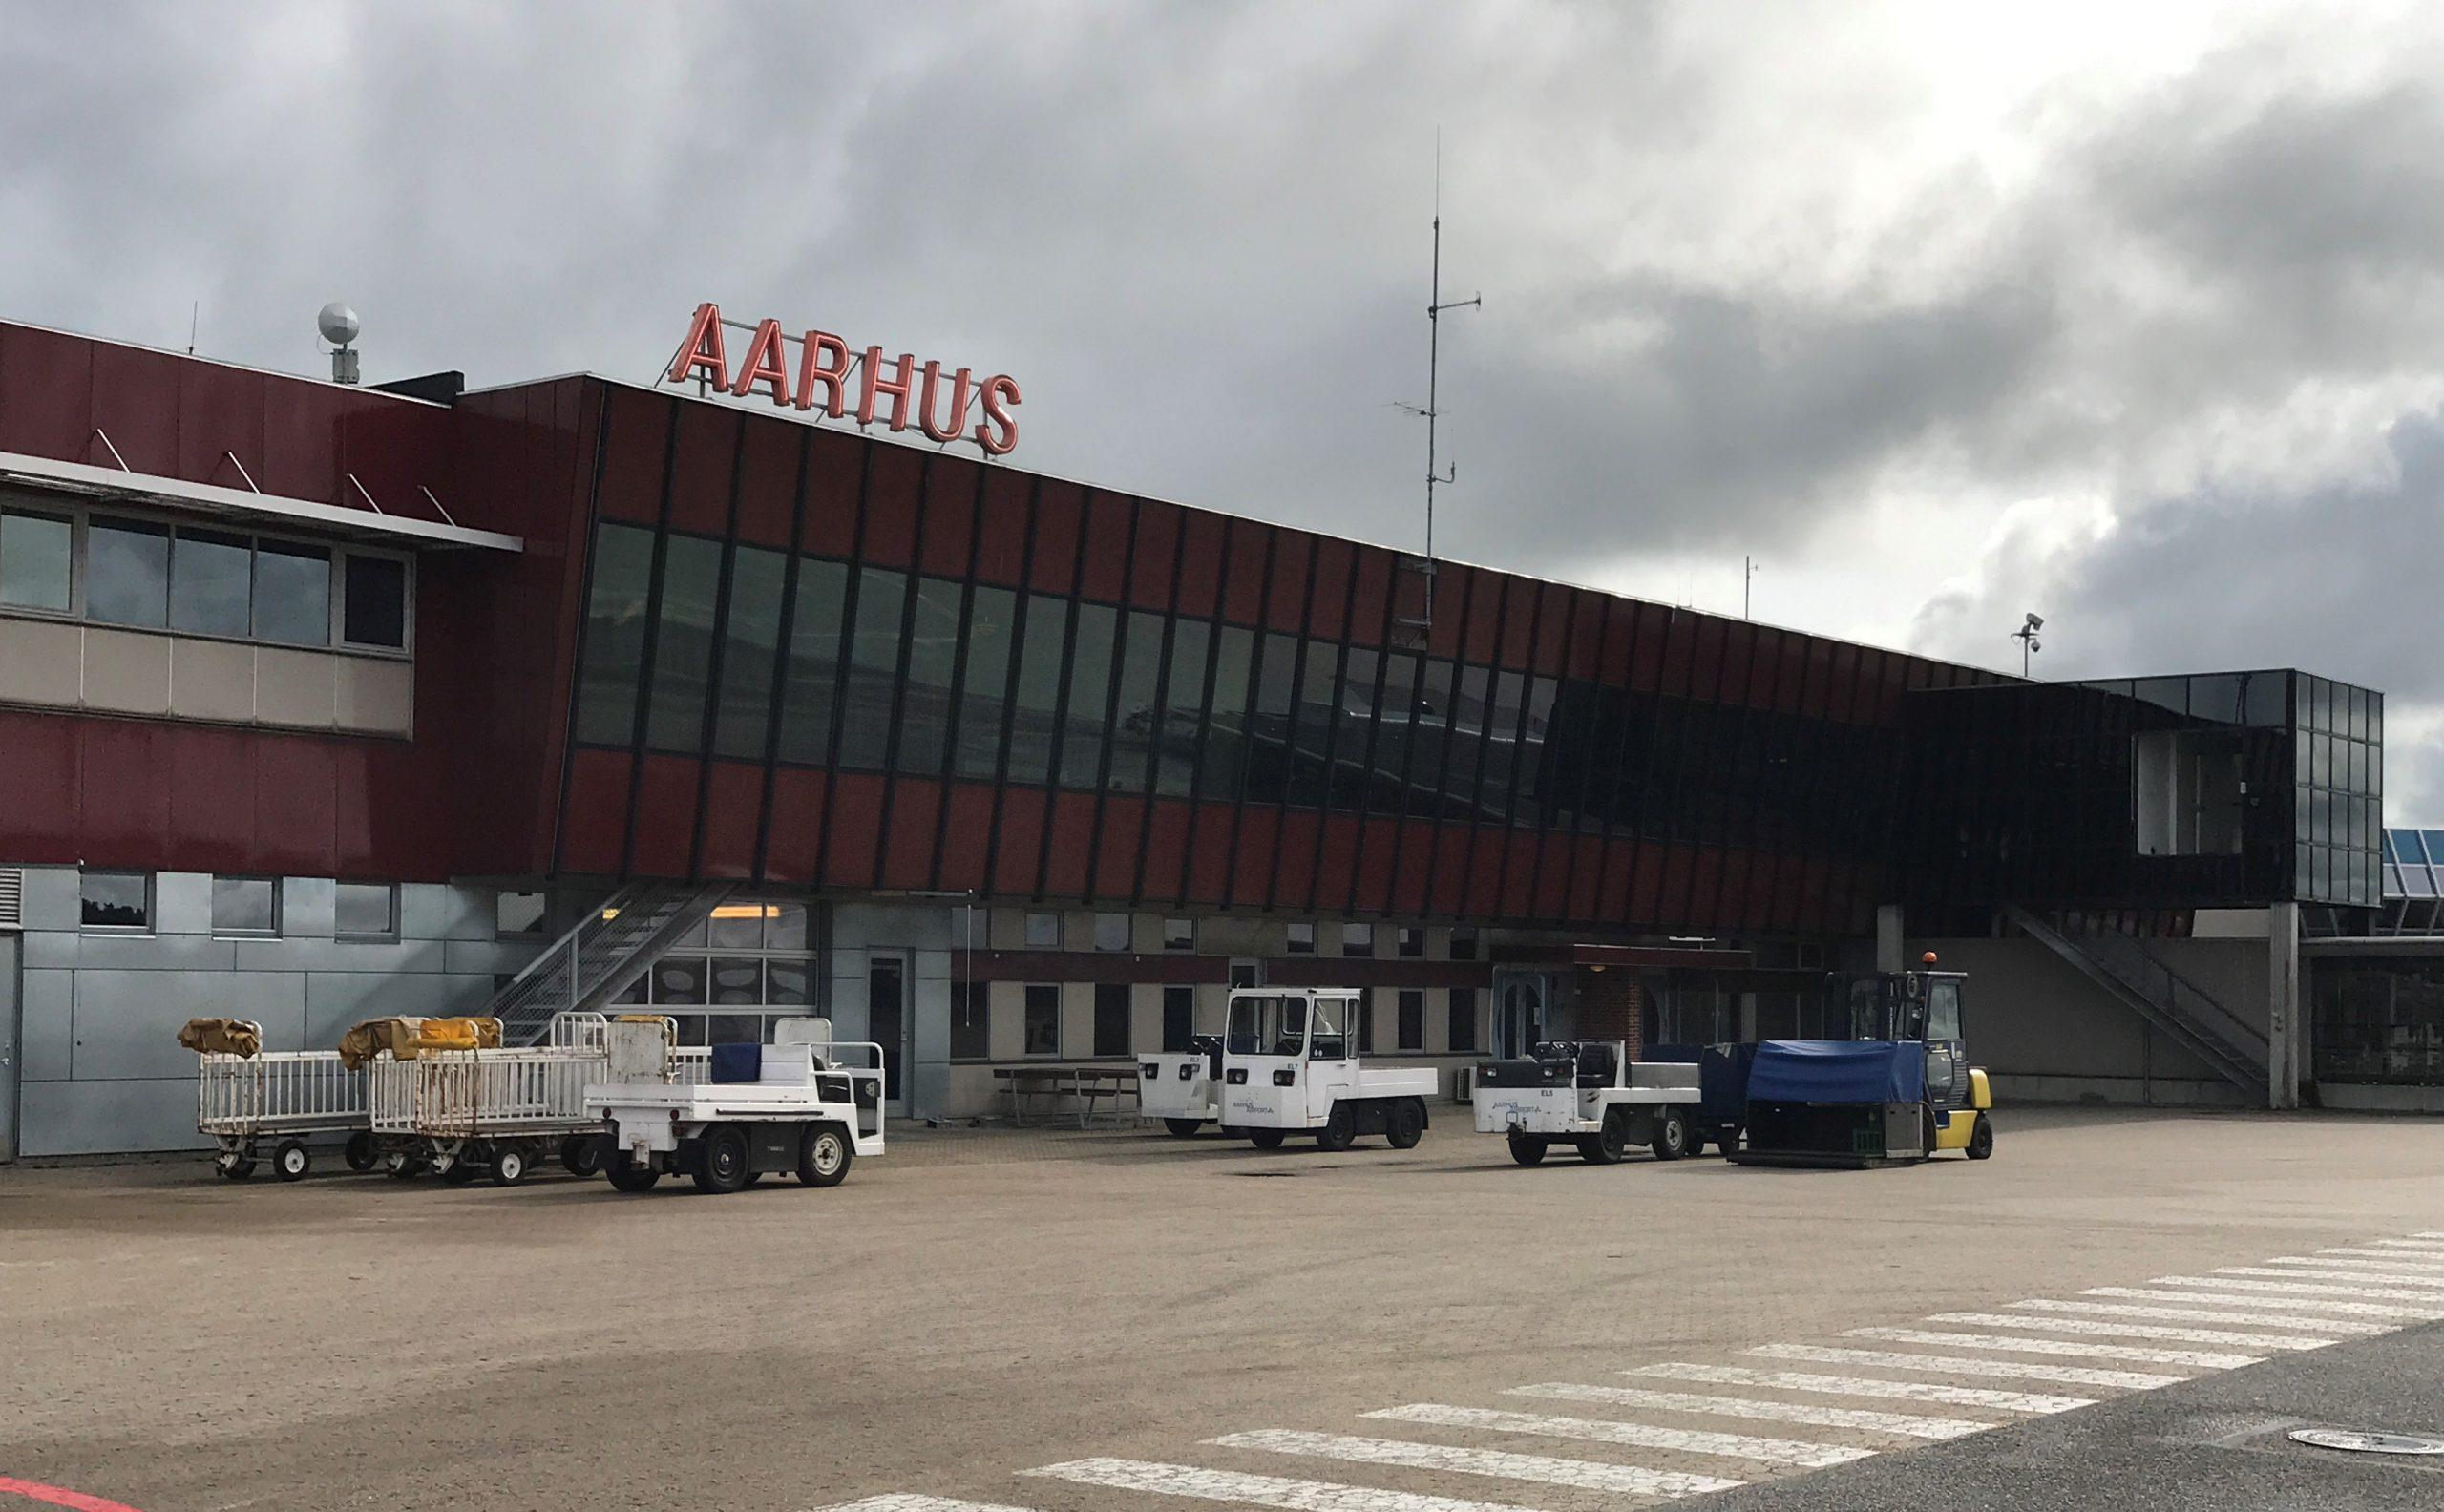 Der er endnu ingen arkitekttegning af det kommende hotel ved Aarhus Lufthavn, der forventes åbnet indenfor et års tid. Arkivfoto: Ole Kirchert Christensen.